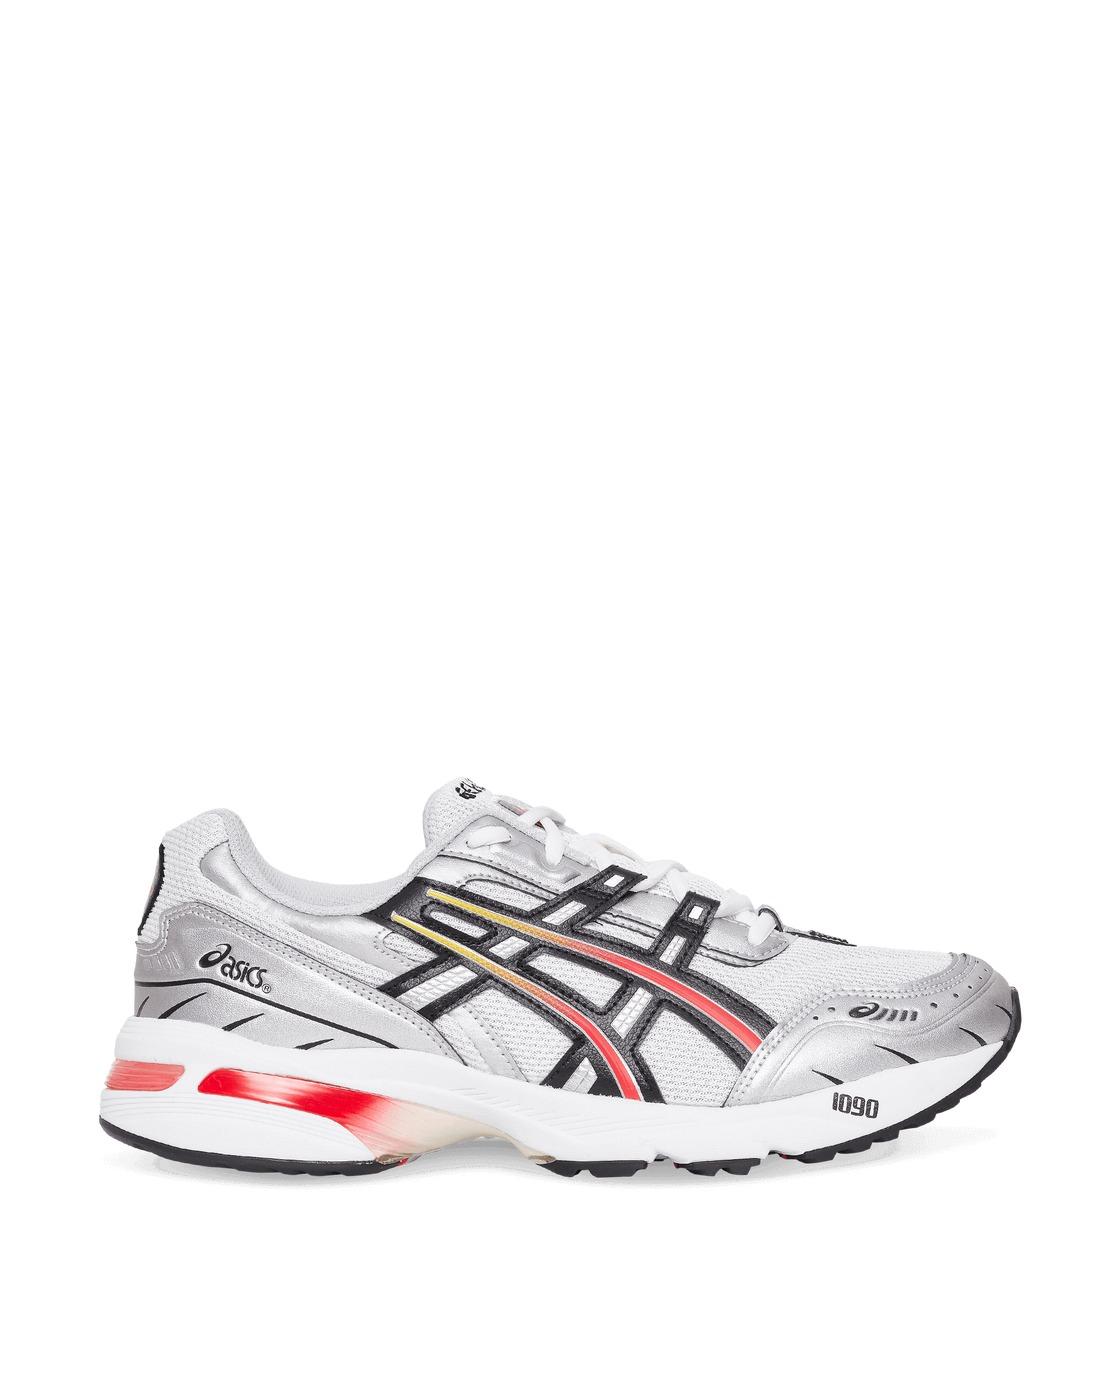 Asics Gel 1090 Sneakers White/Black